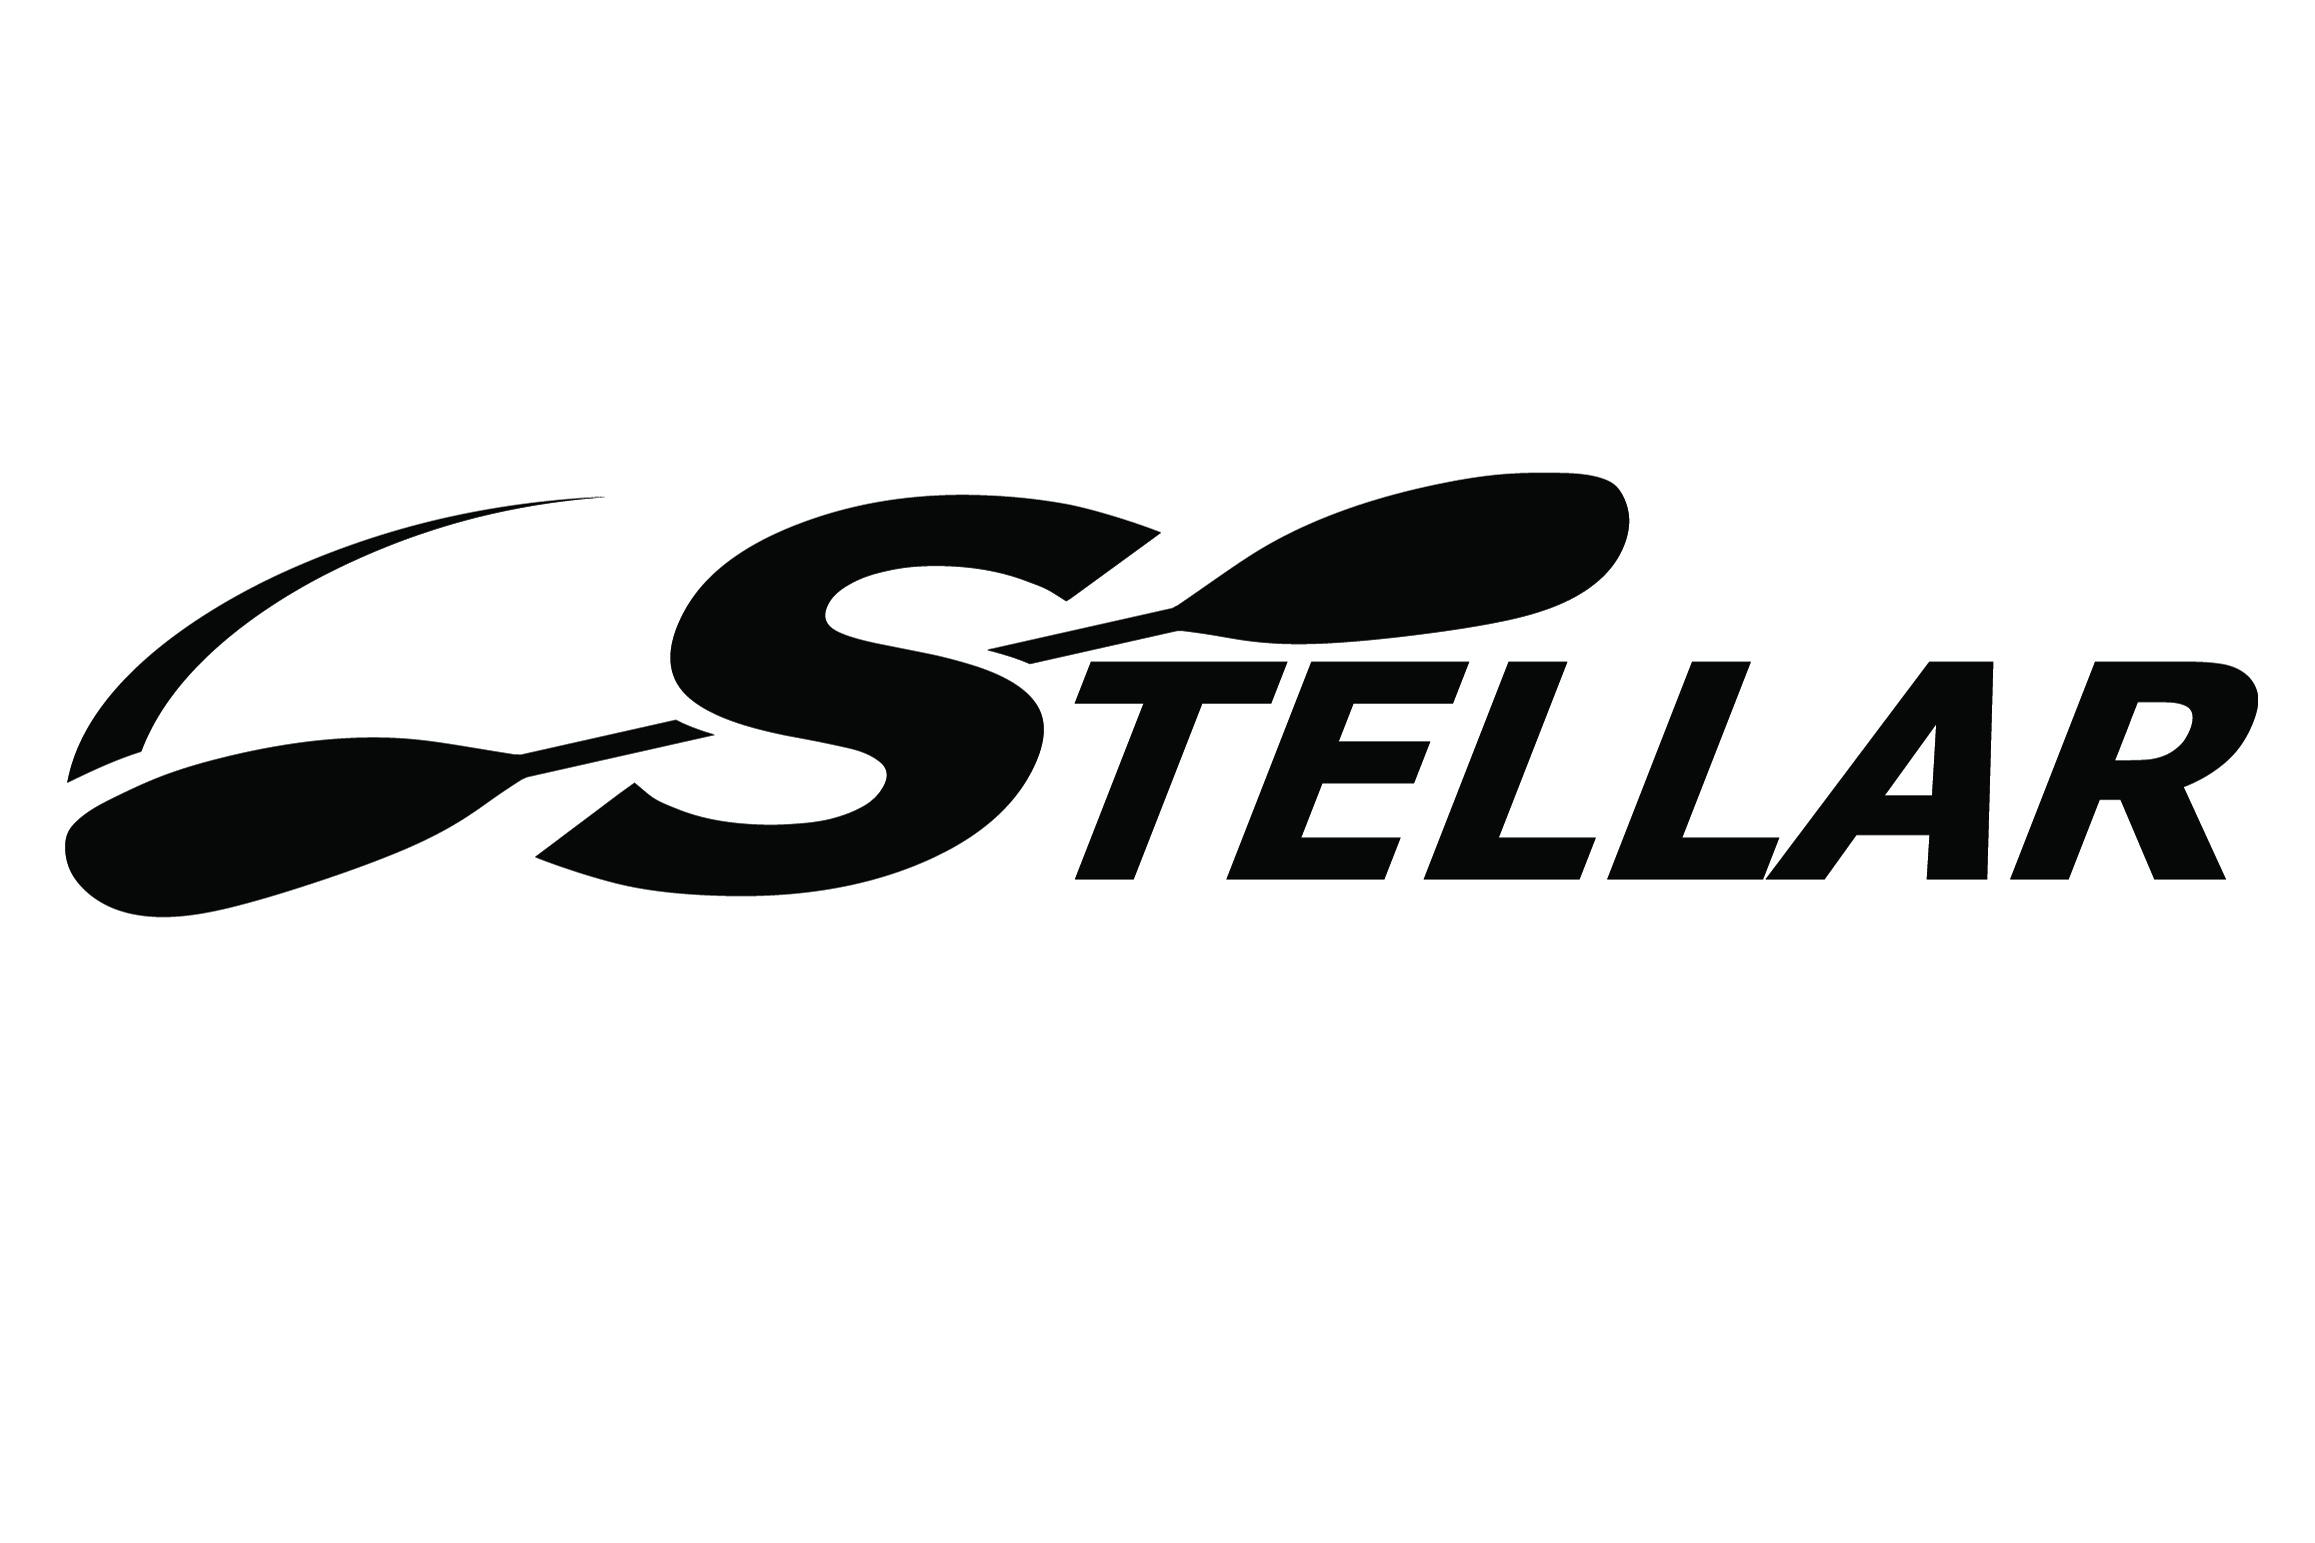 Stellar Decal Black 16cm